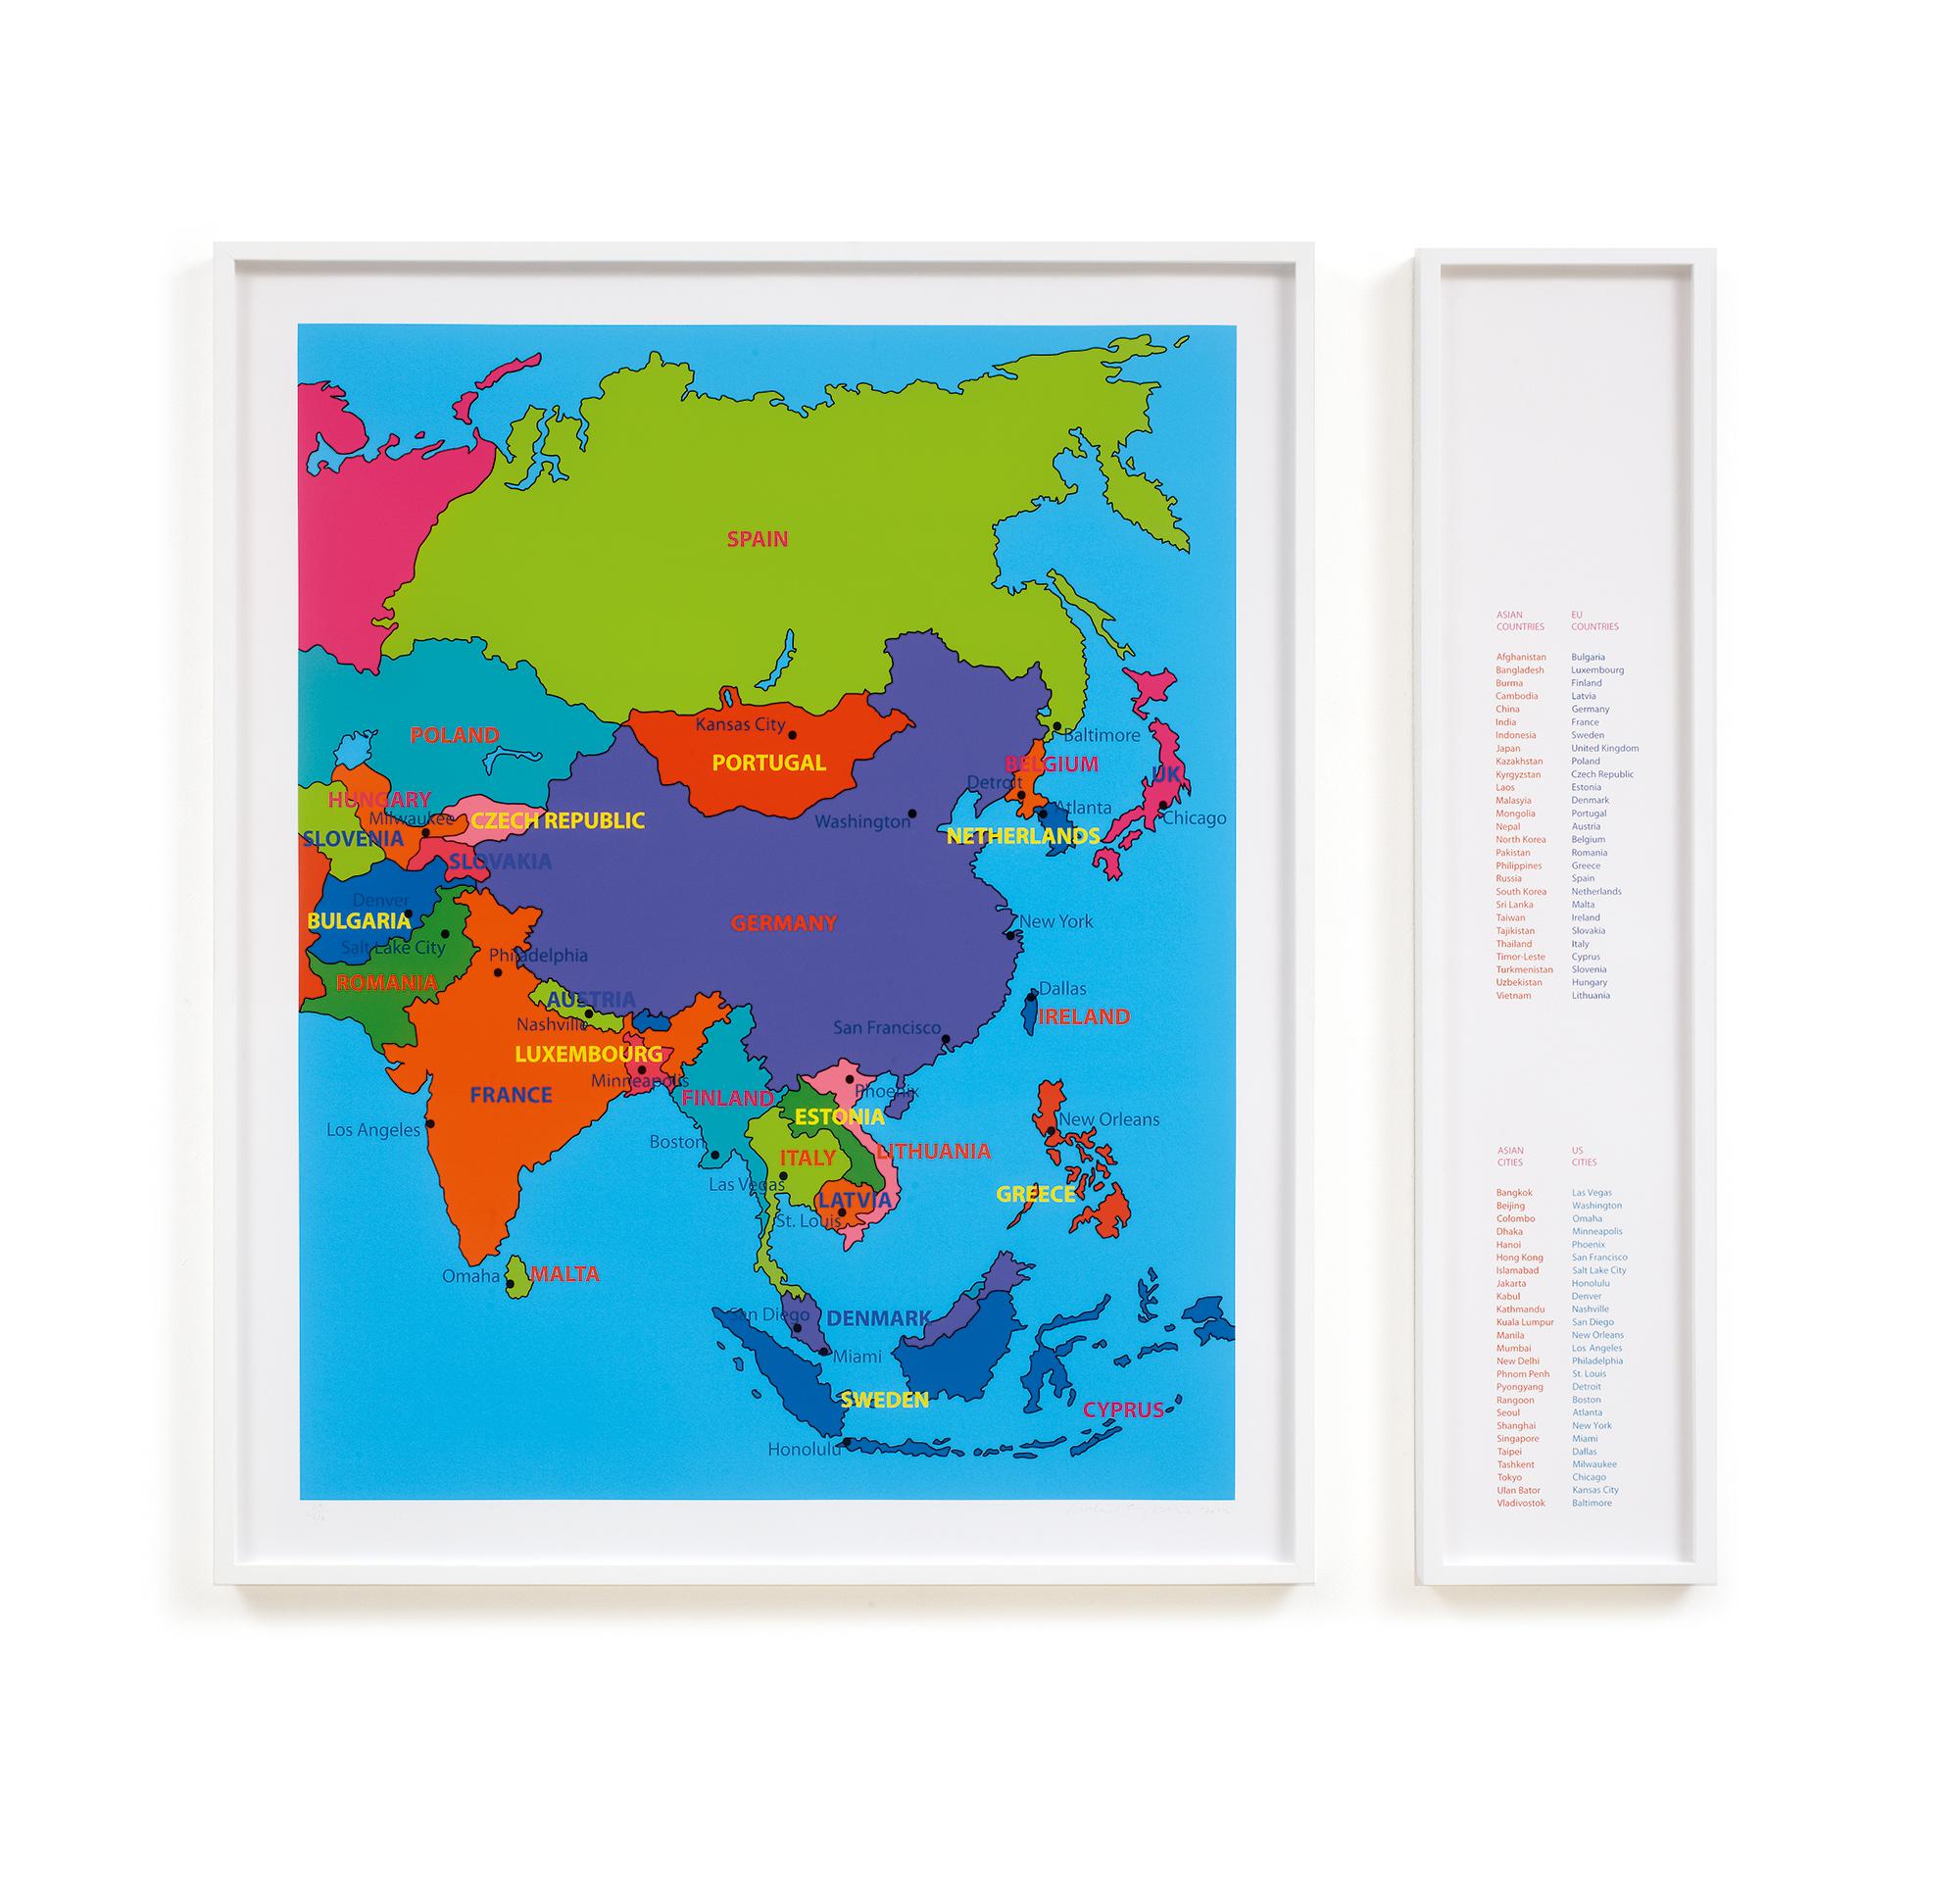 Michael Craig-Martin  Globalisation •2012 Impressão a jato de tinta Edição: 40 Mapa: 118.8 x 91.4 cm Legenda: 118.8 x 22.8 cm